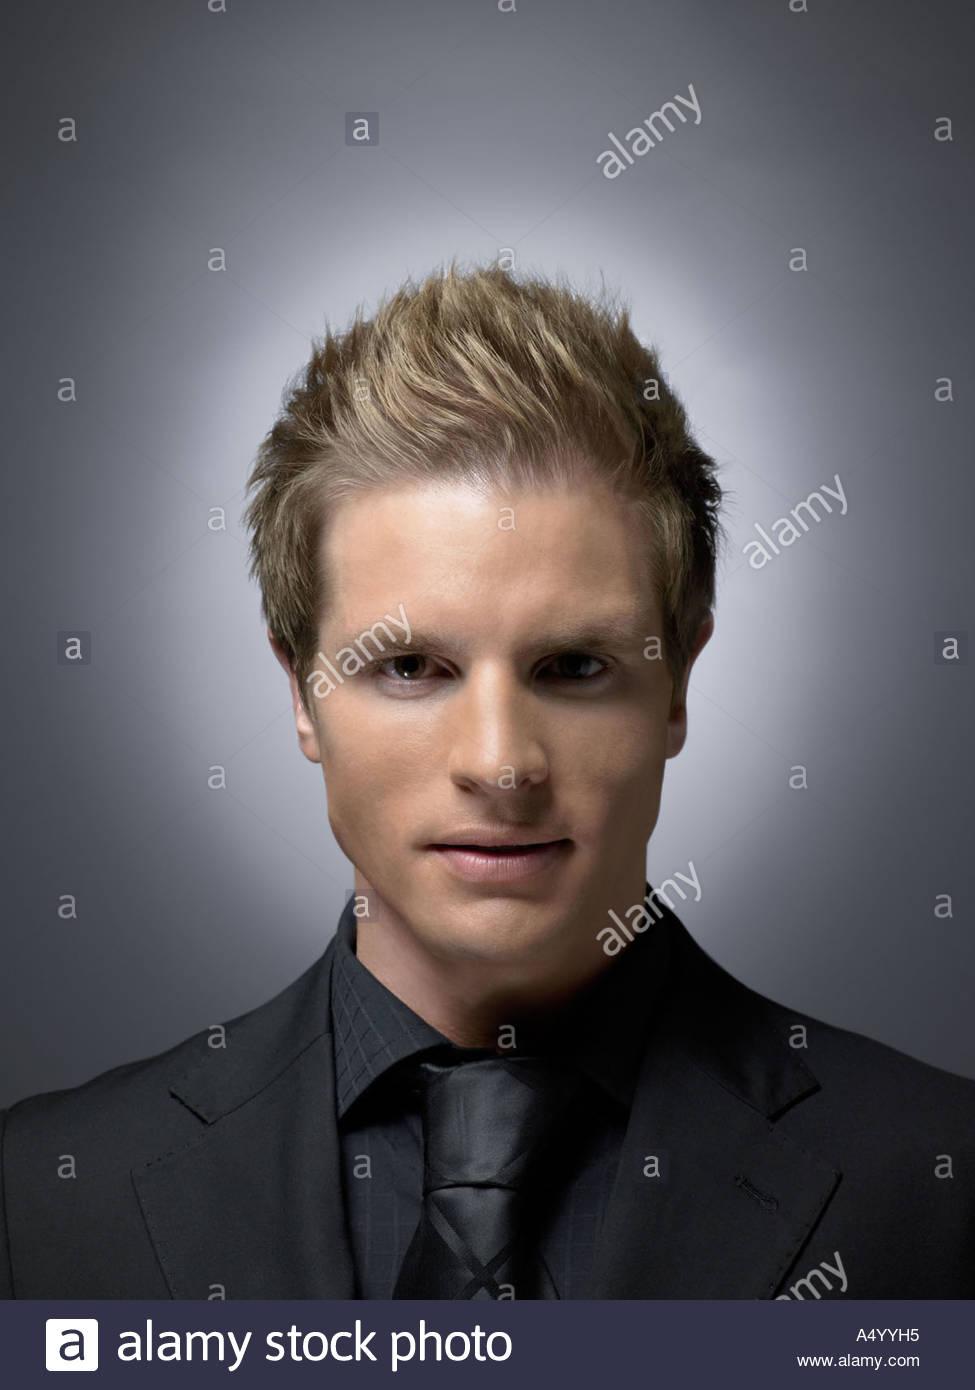 Man wearing black - Stock Image